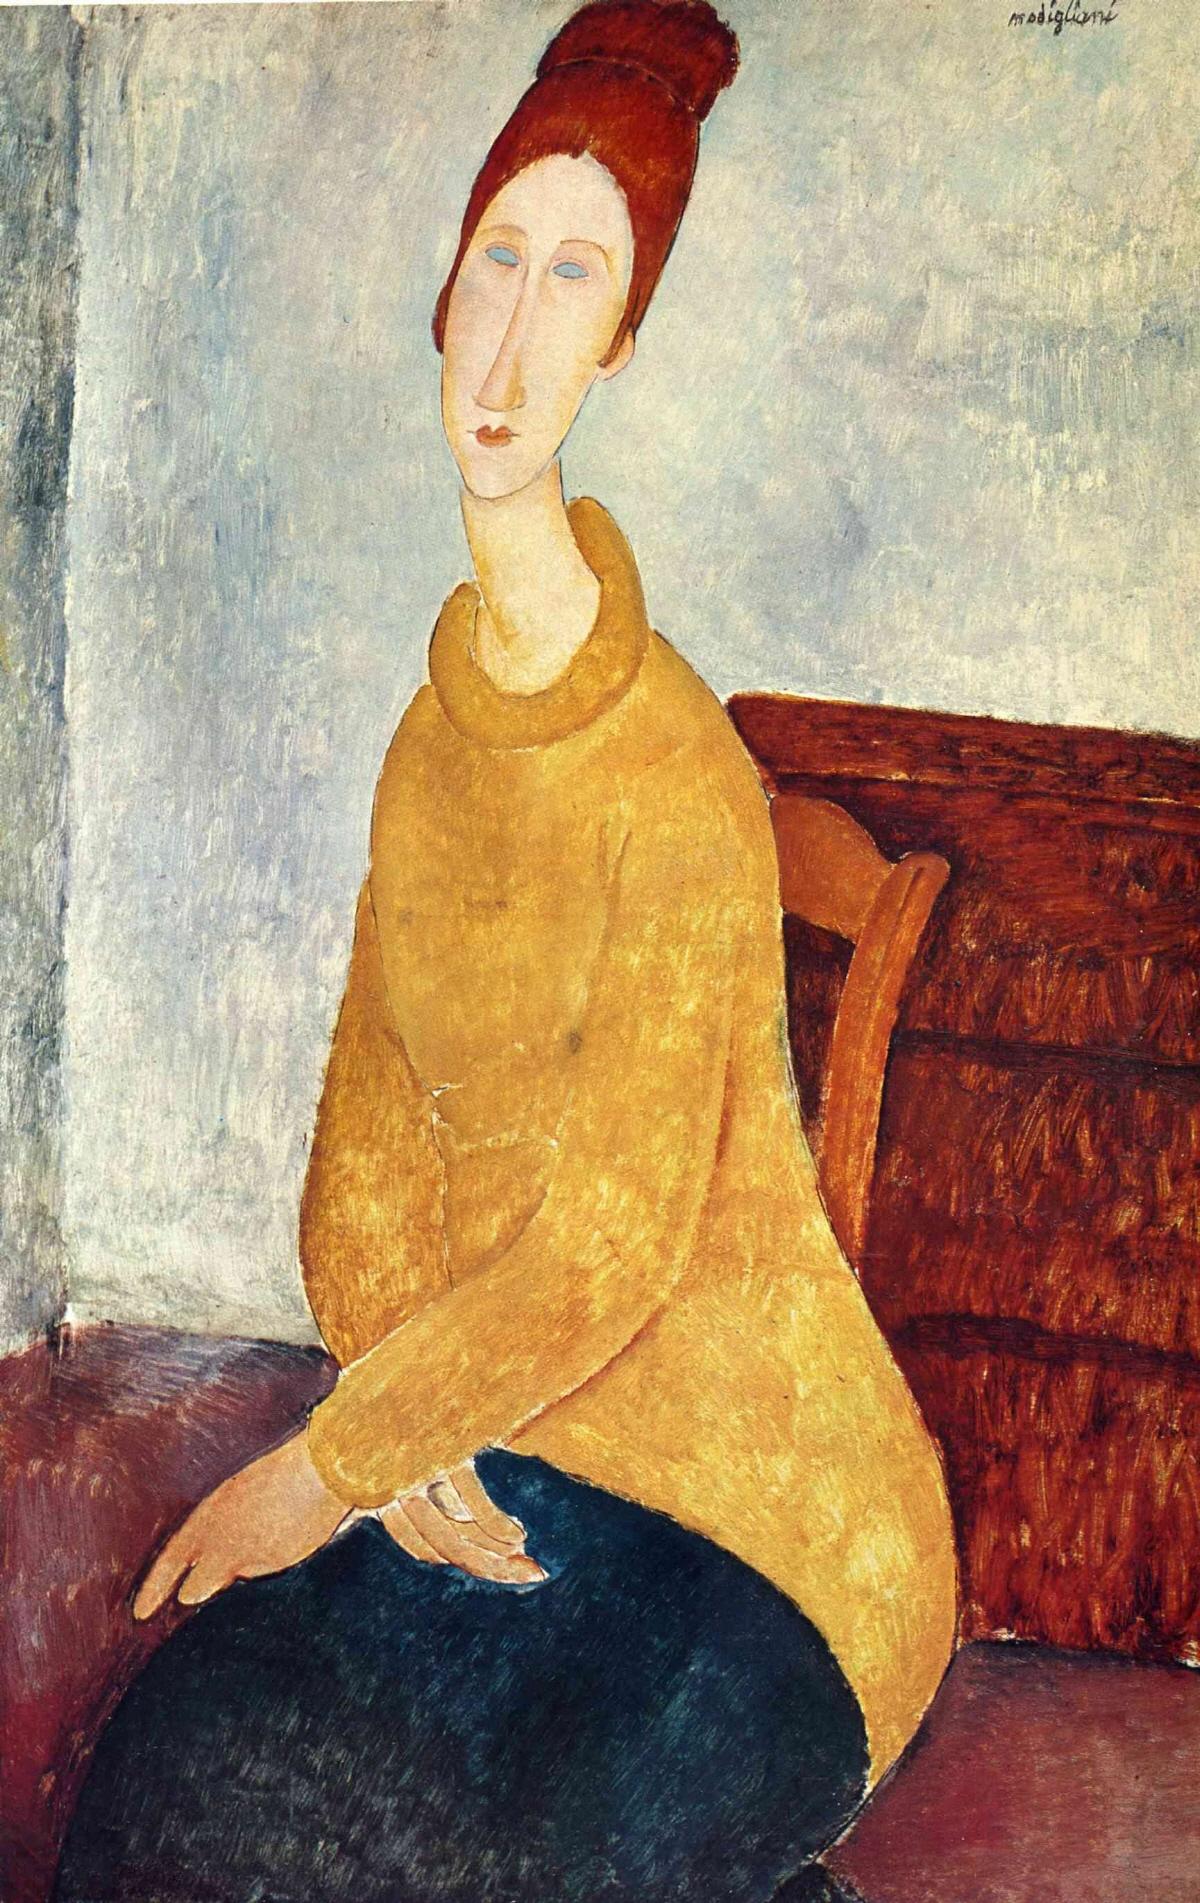 노란스웨터를 입은 여자.jpg